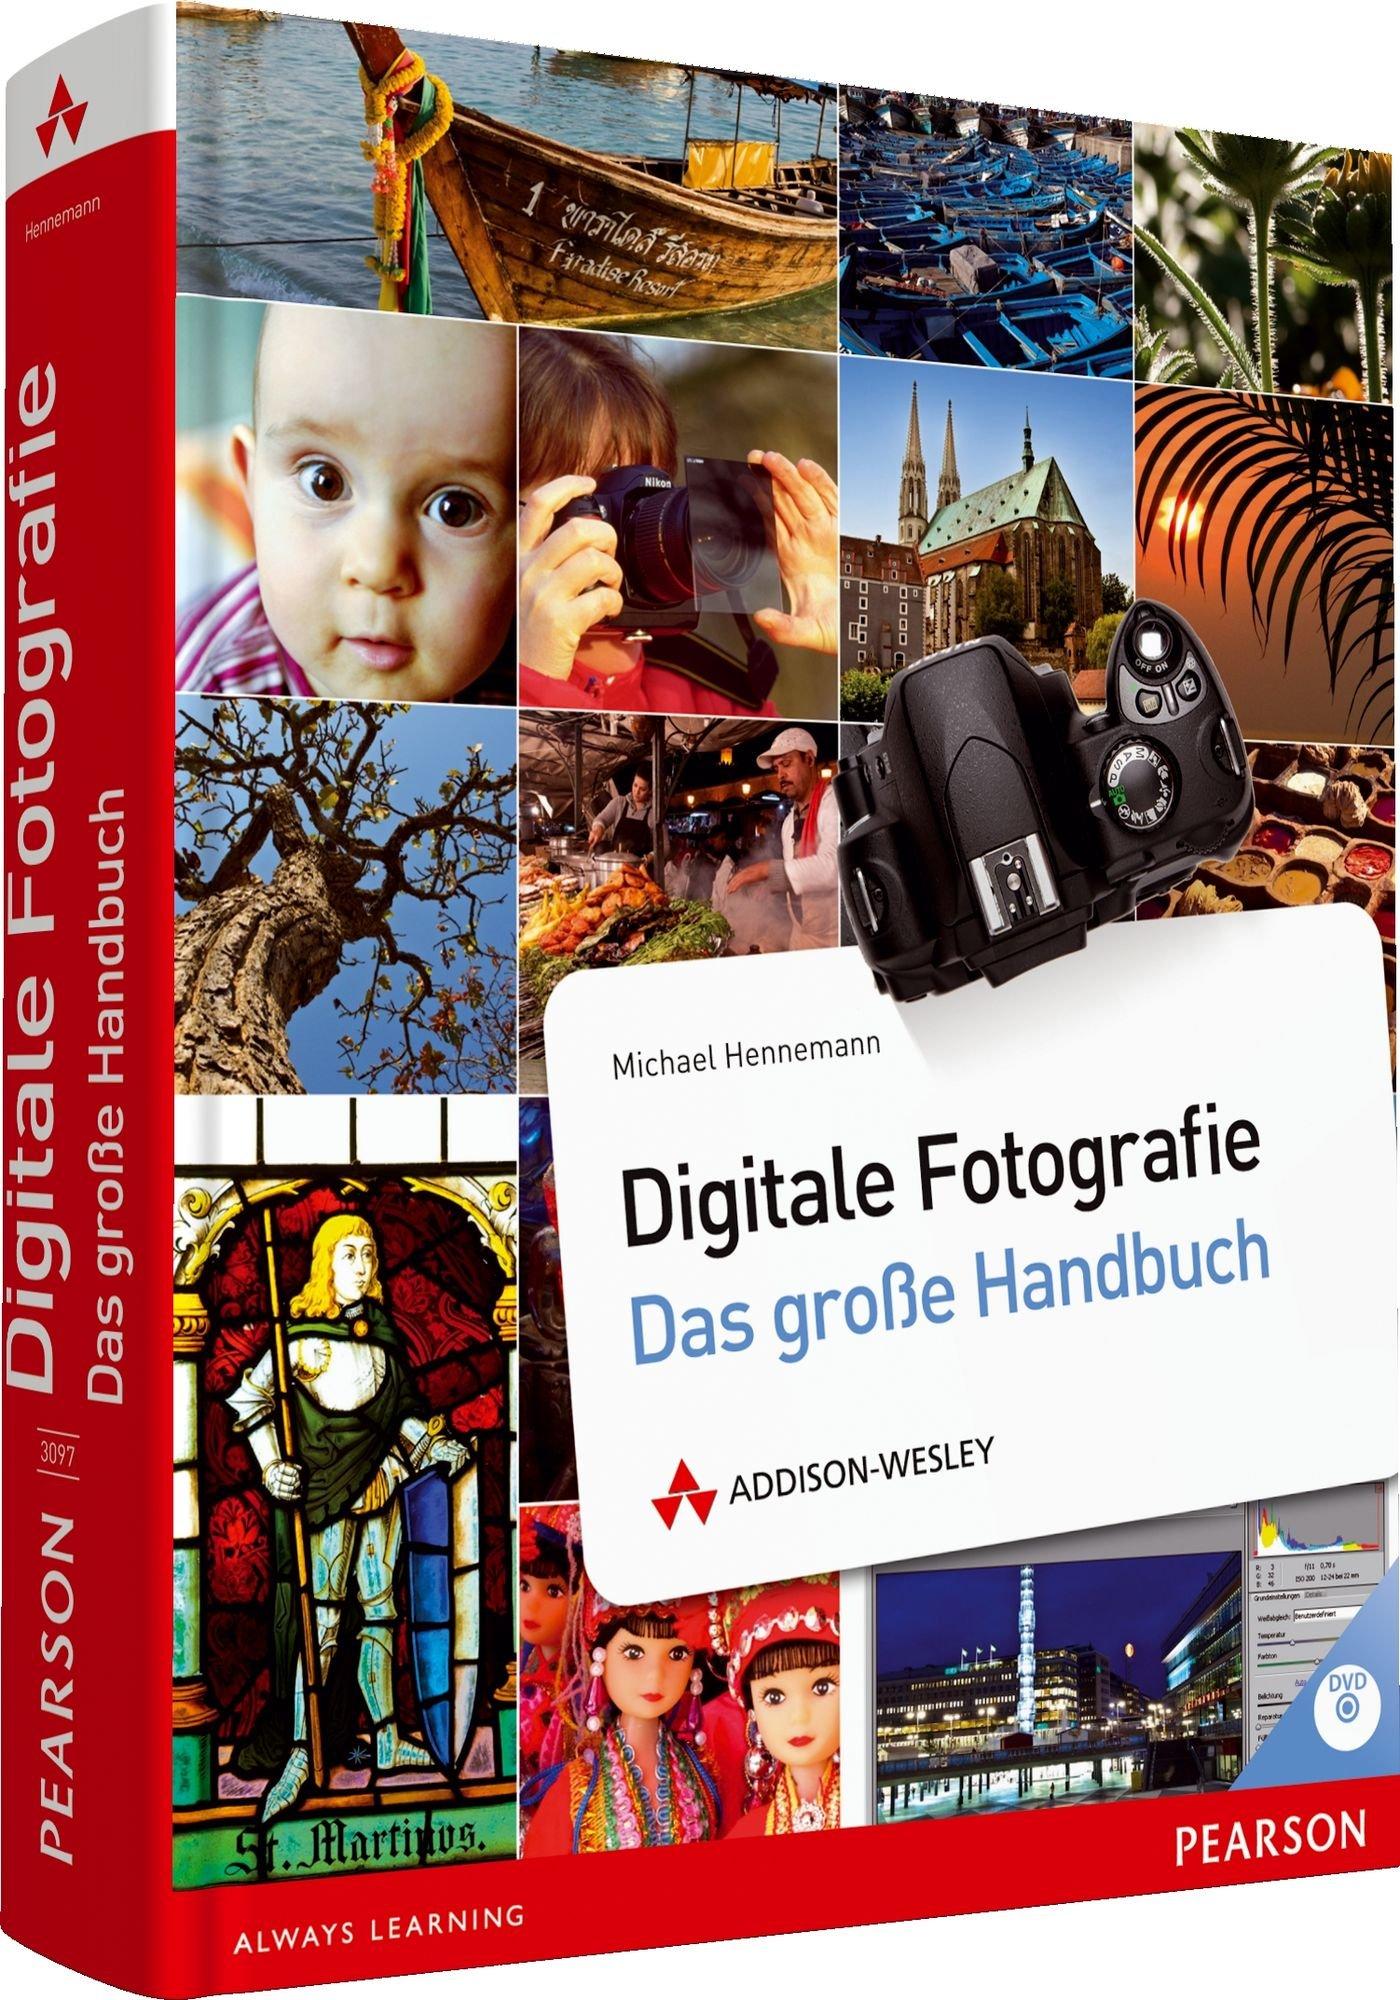 Digitale Fotografie - Das große Handbuch - mit Praxisworkshops, Profitipps, umfangreichem Fachlexikon (DPI Fotografie)